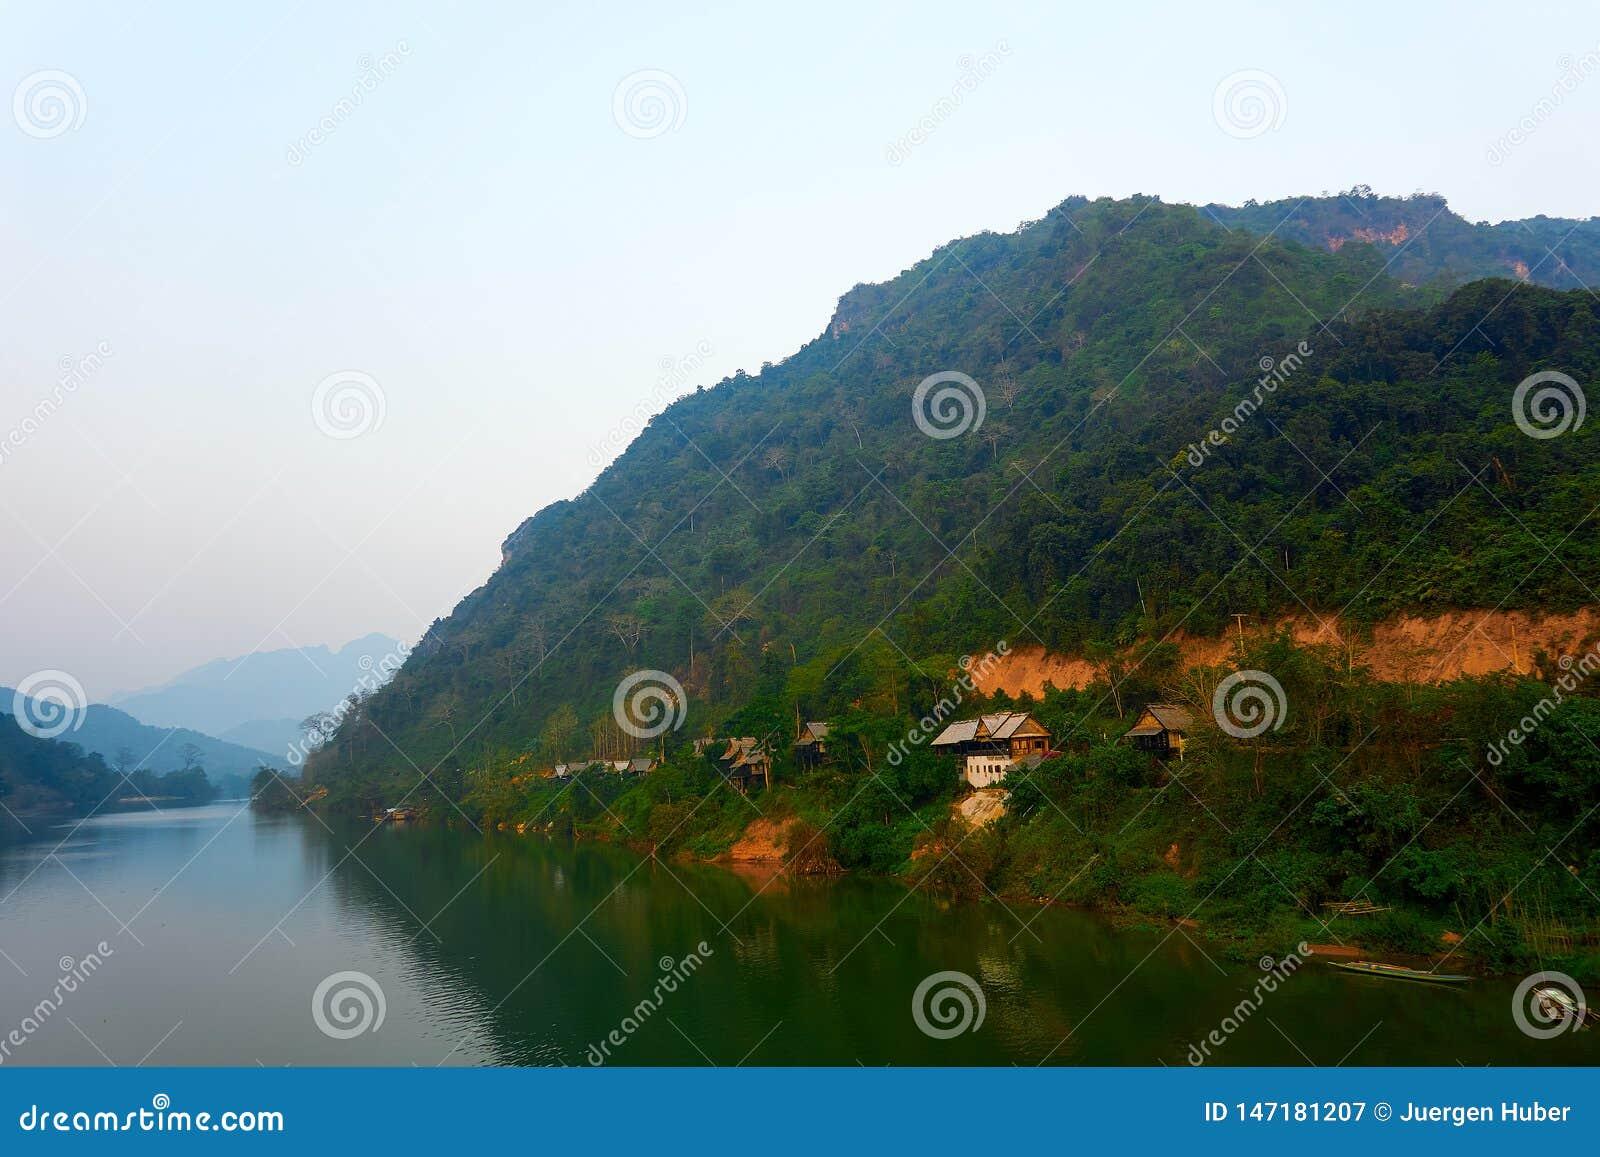 Huis in Nam Ou River in Nong Khiaw, Laos